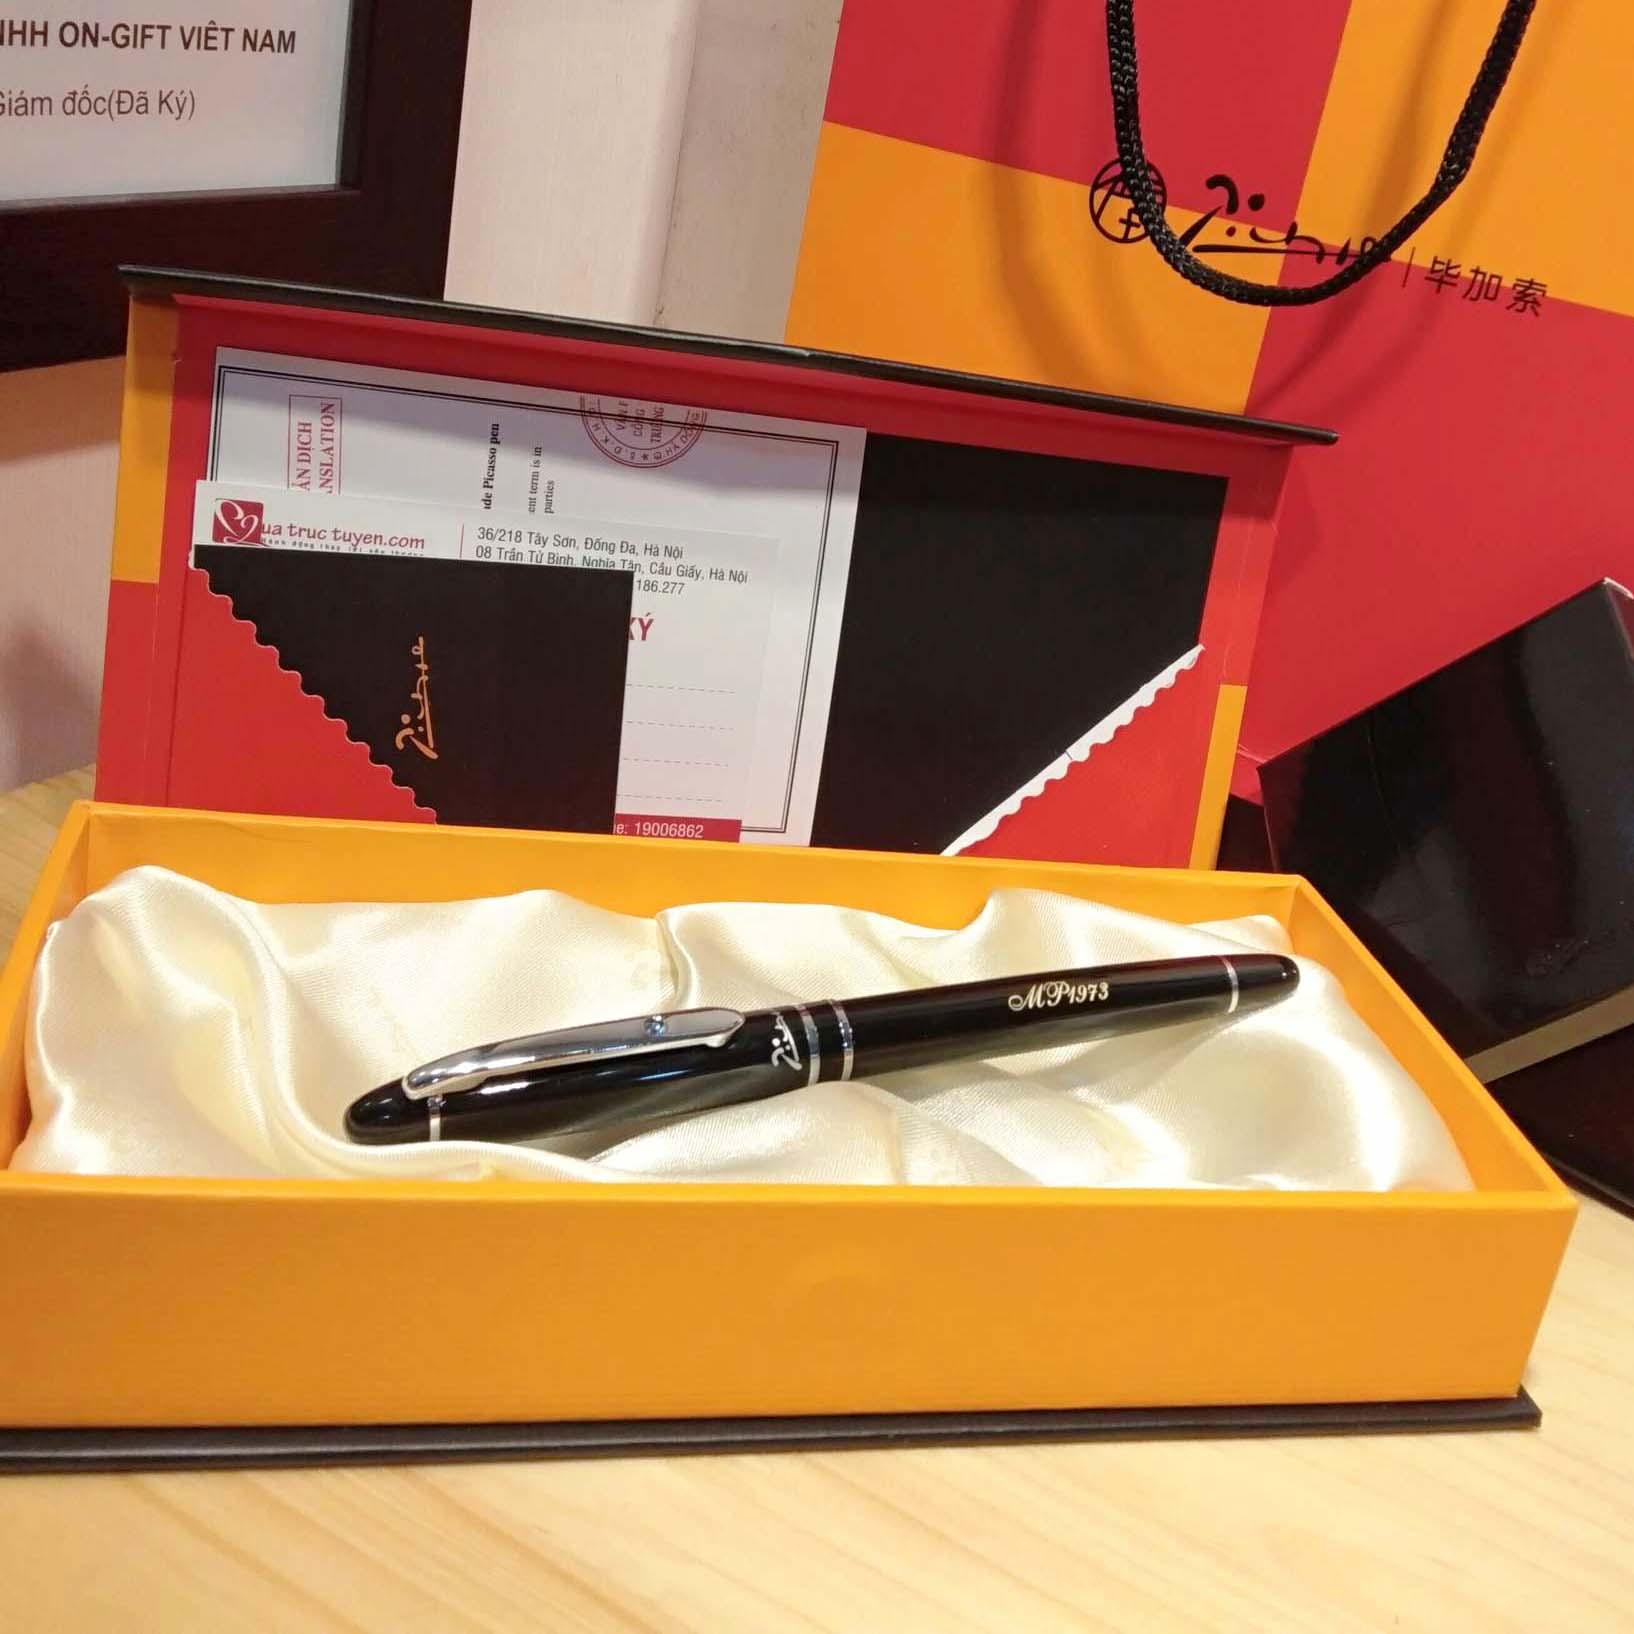 Khắc bút ký picasso 608 với chữ MP1973 ở thân bút